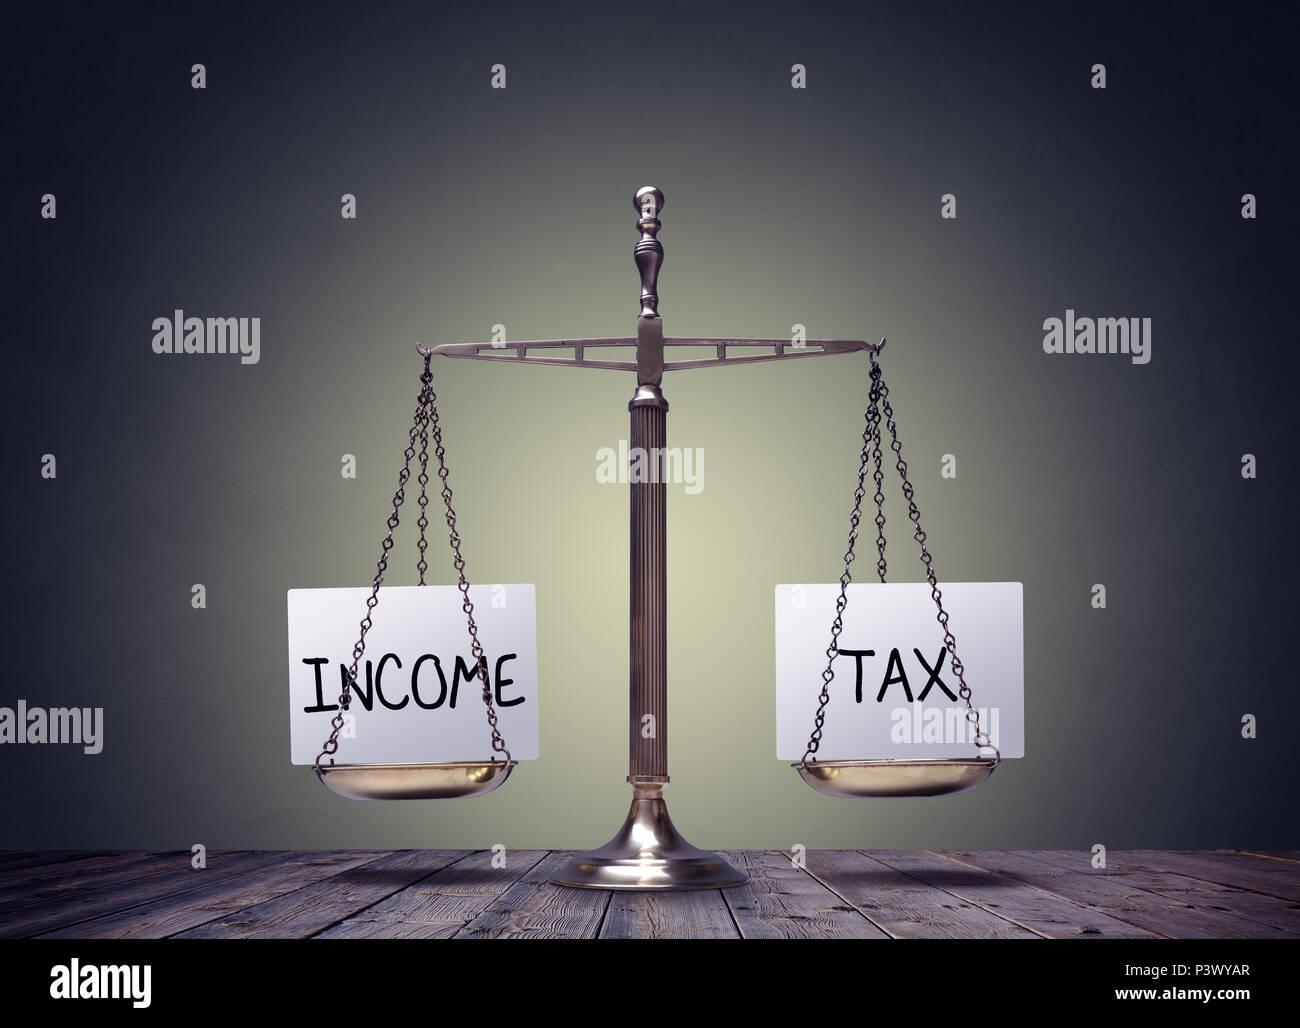 Einkommensteuer balance Finanzen Bücher Waagen Konzept Stockfoto